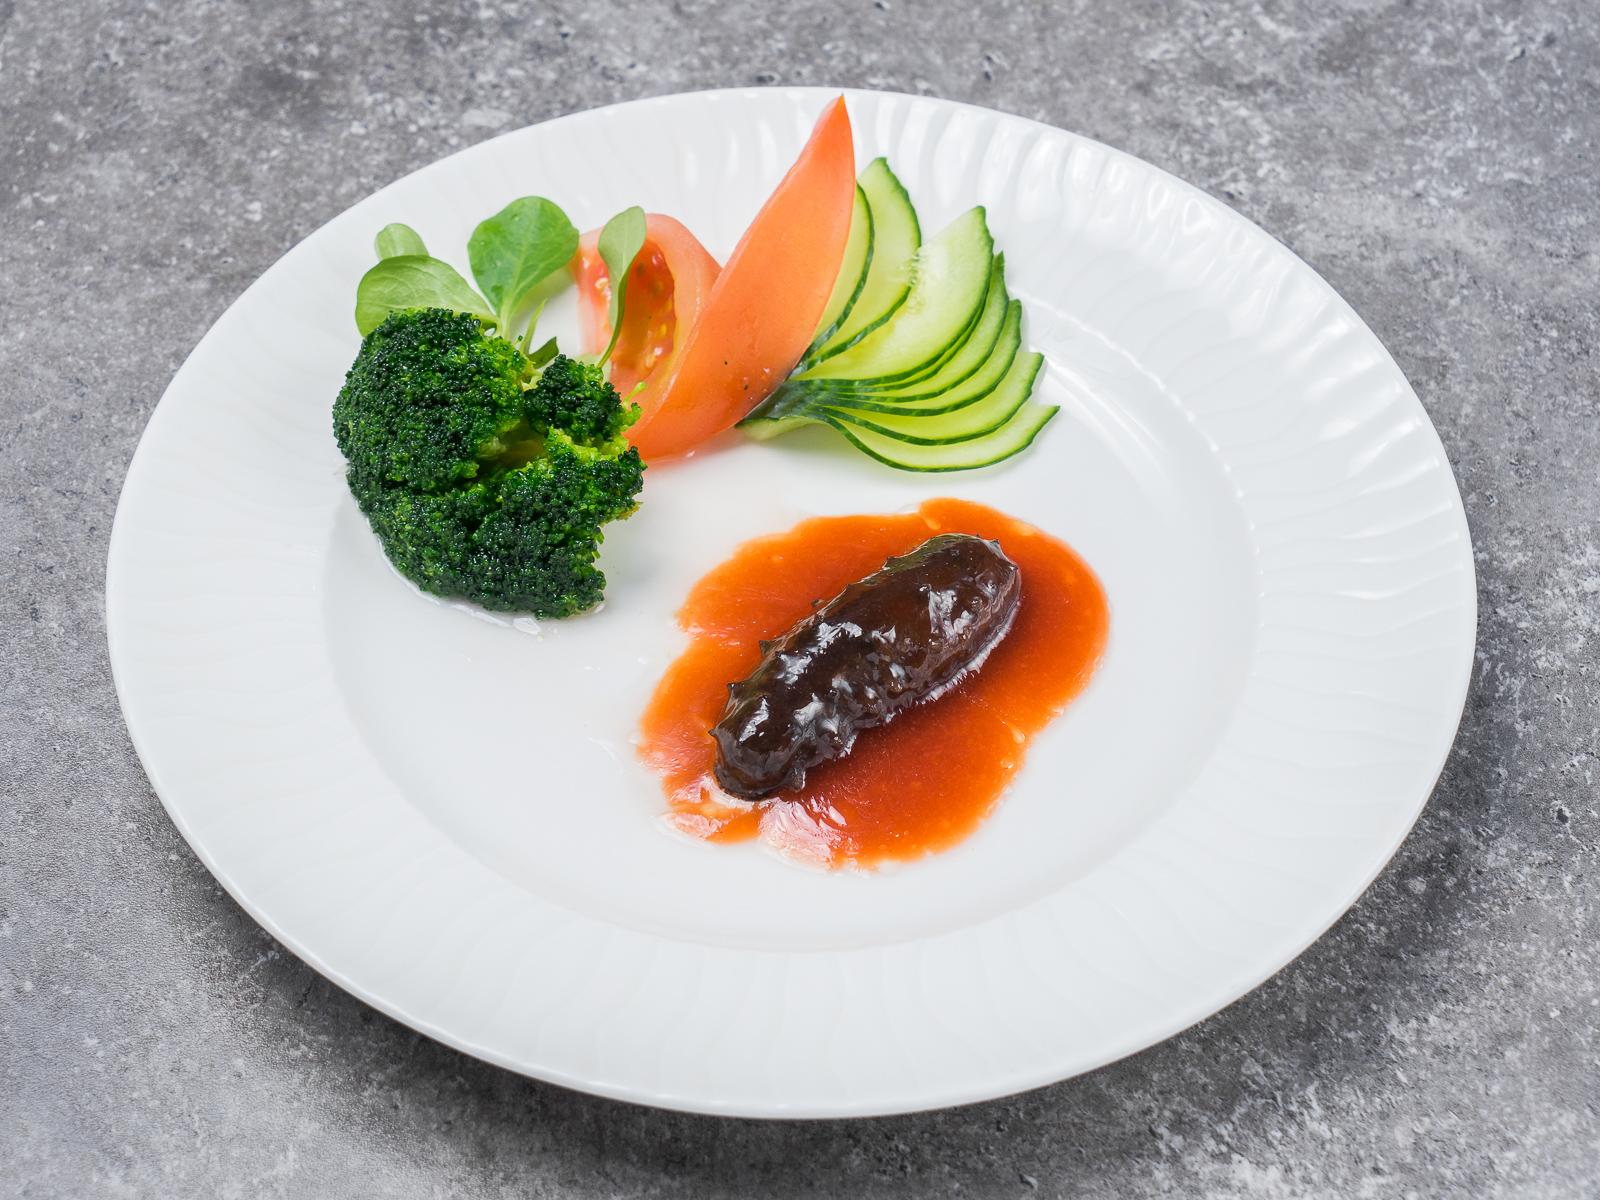 Трепанг с брокколи по рецепту императорской кухни